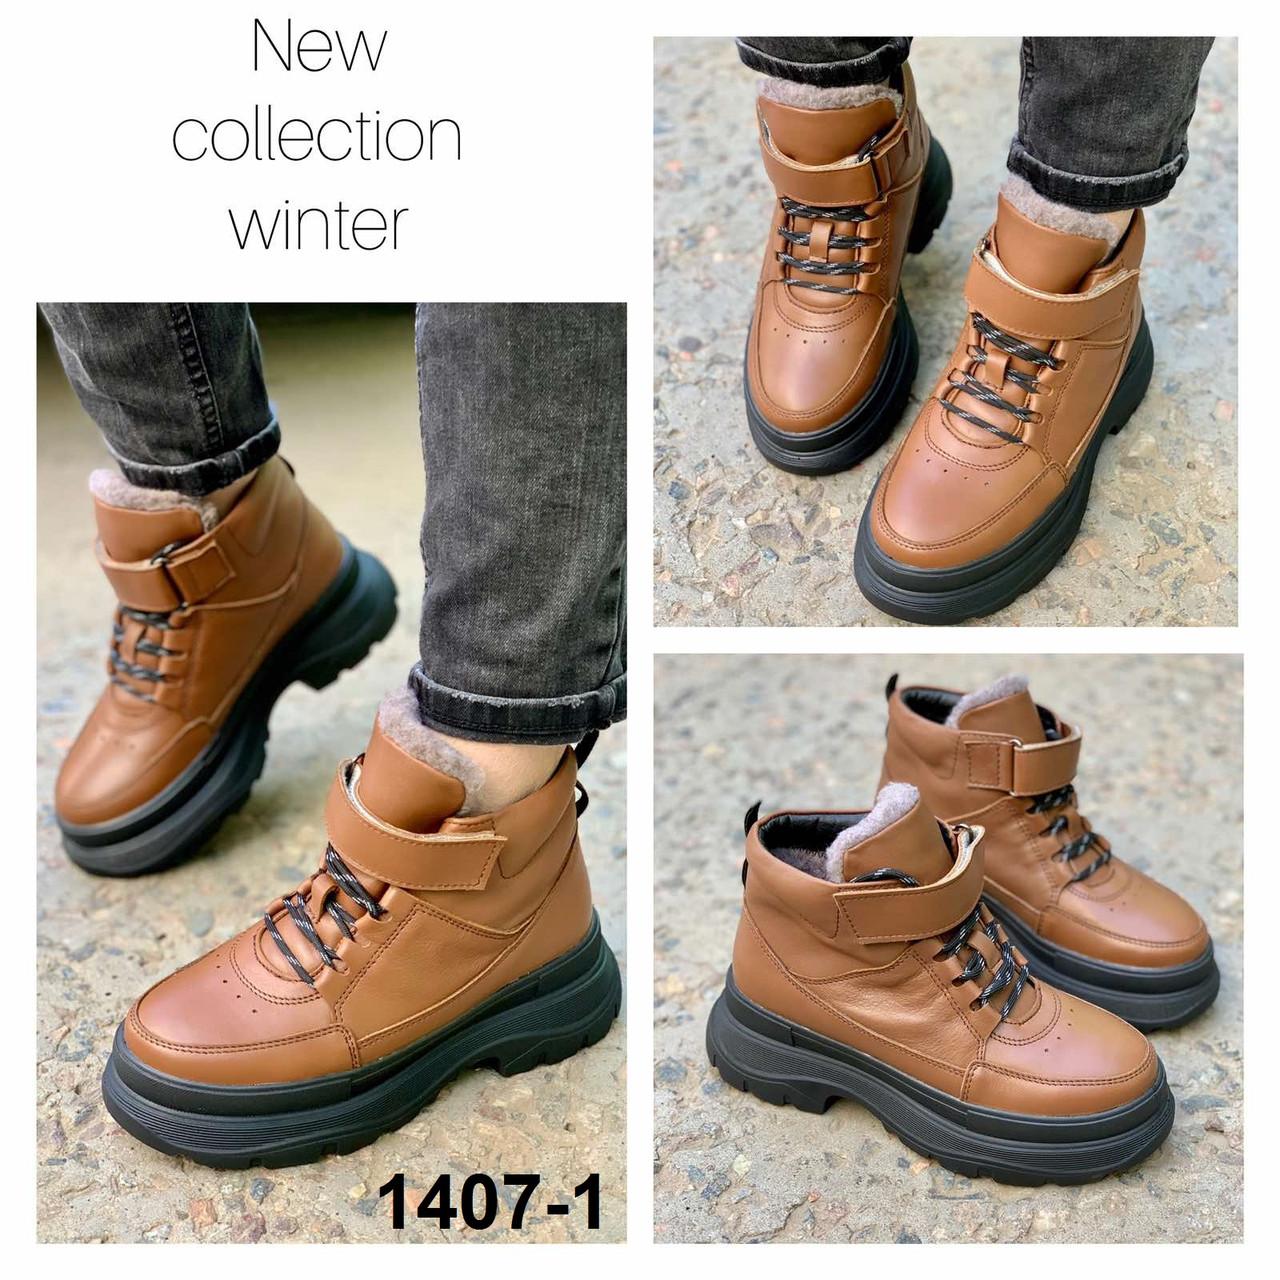 Ботинки женские зимние кожаные коричневые